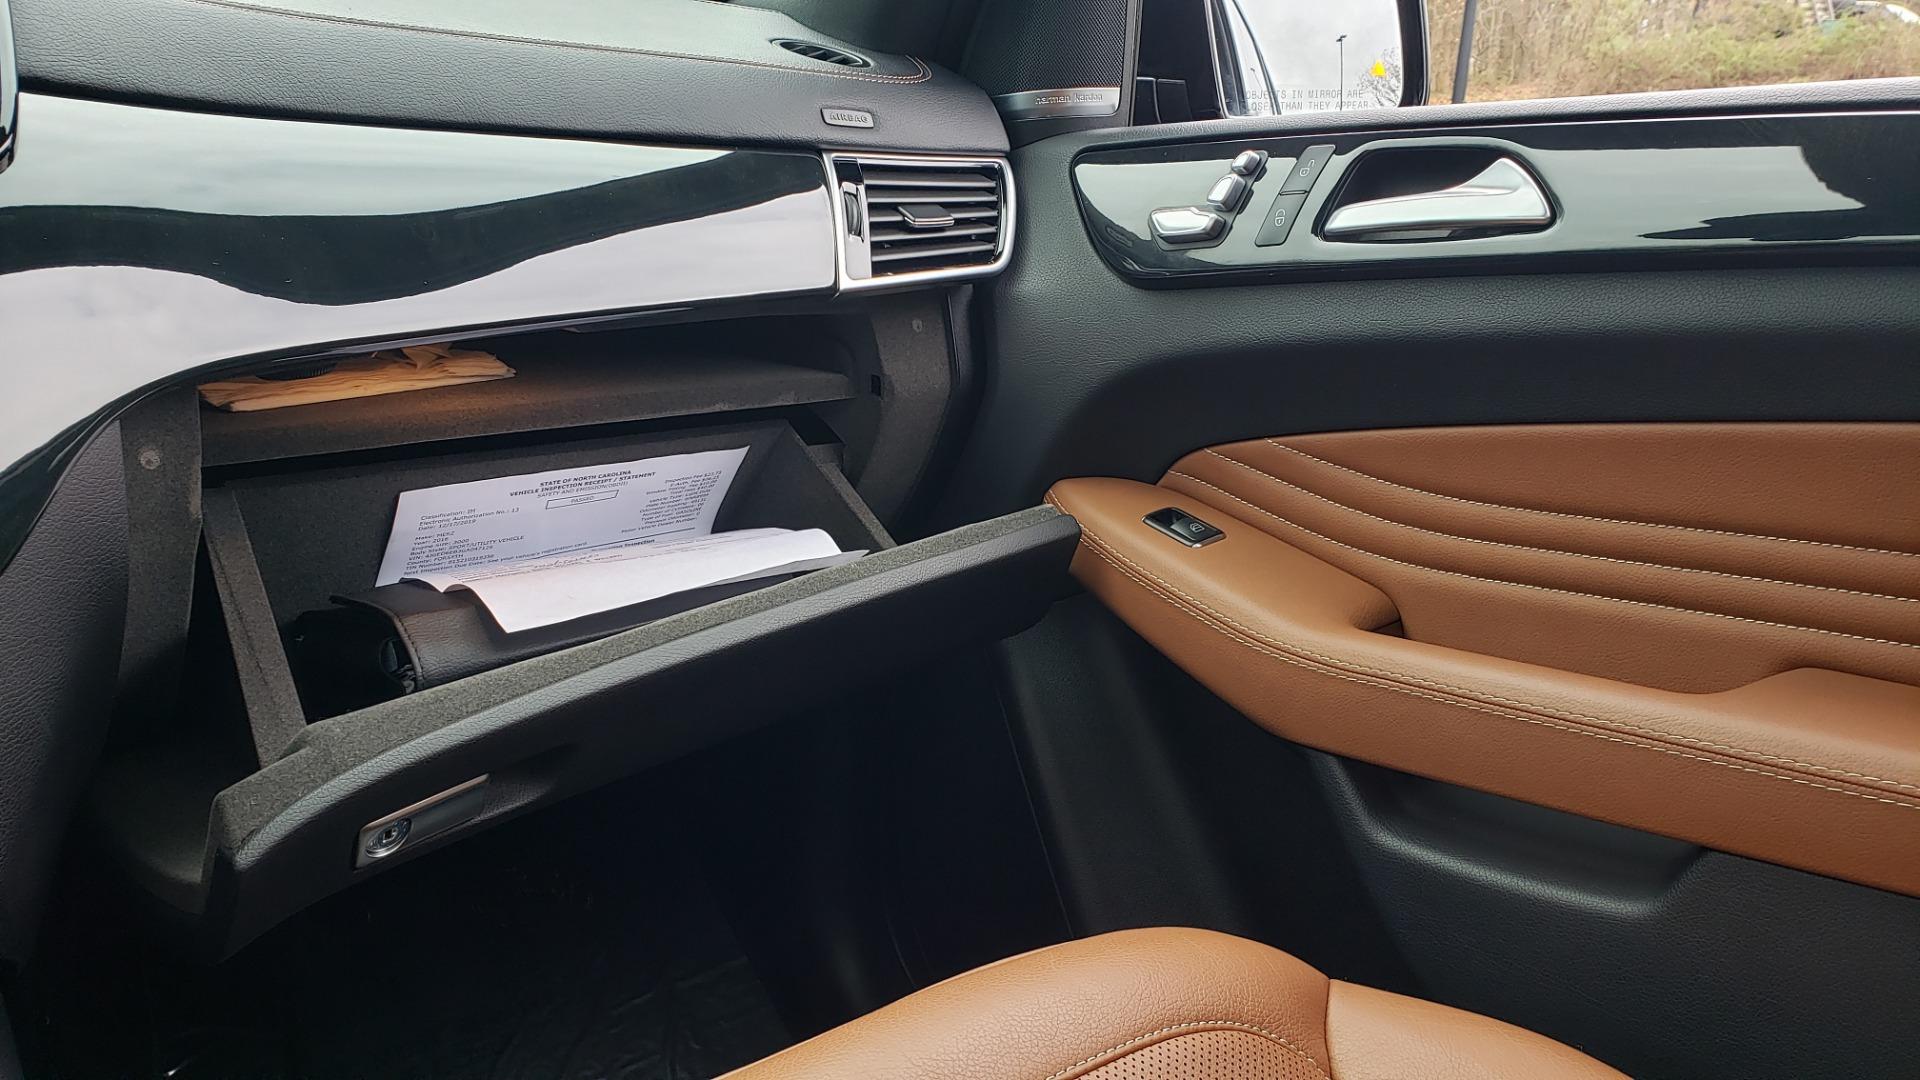 Used 2016 Mercedes-Benz GLE 450 AMG / AWD / PREM PKG / PARK ASST / DRVR ASST / SUNROOF for sale Sold at Formula Imports in Charlotte NC 28227 56